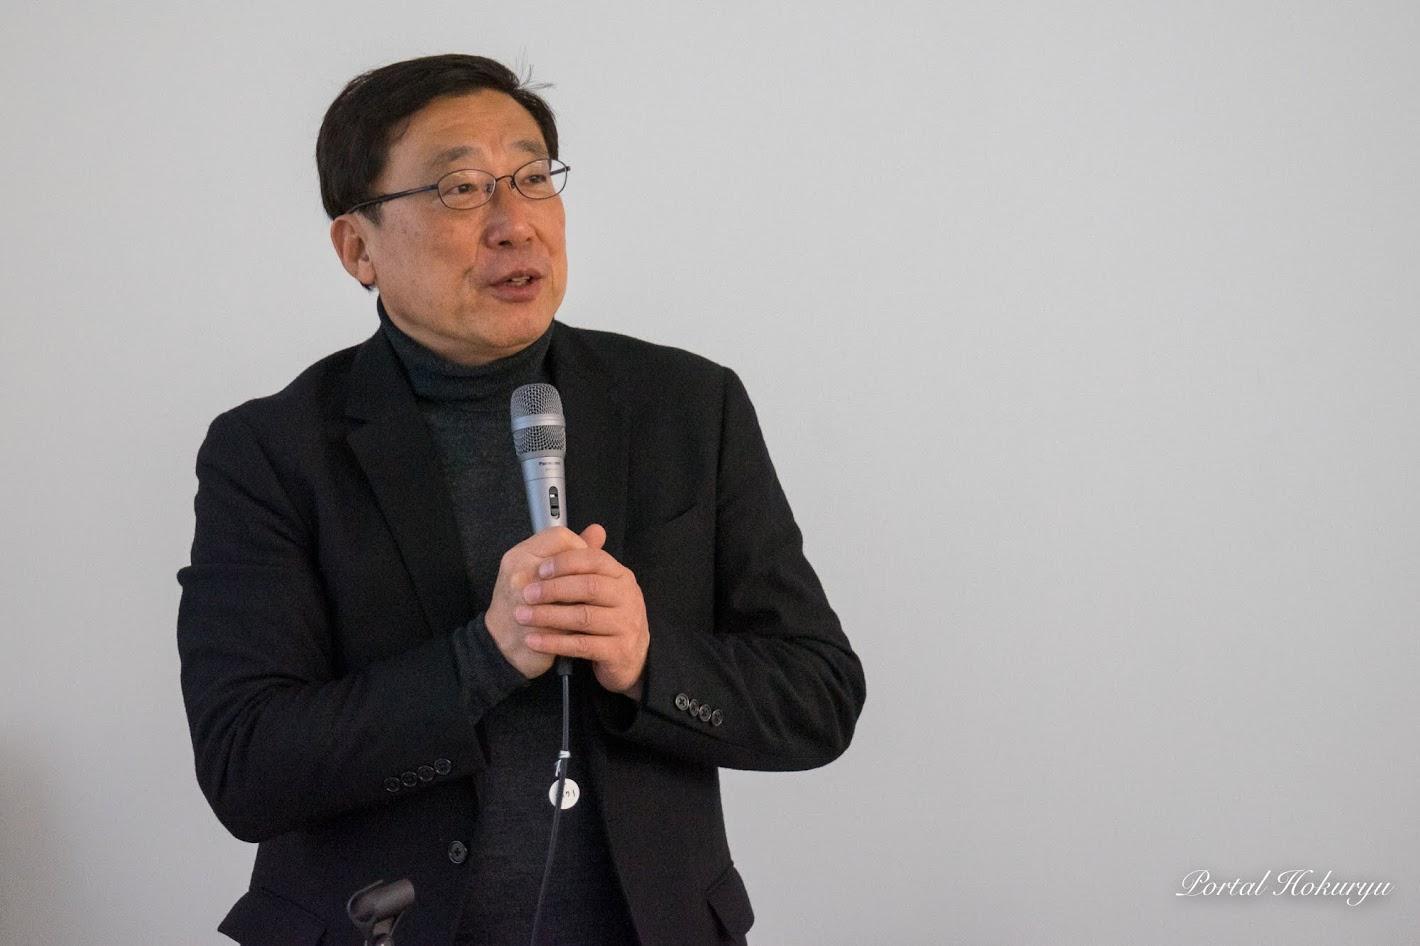 北竜町ひまわり観光大使・鈴木輝隆 氏(立正大学経済学部特任教授)